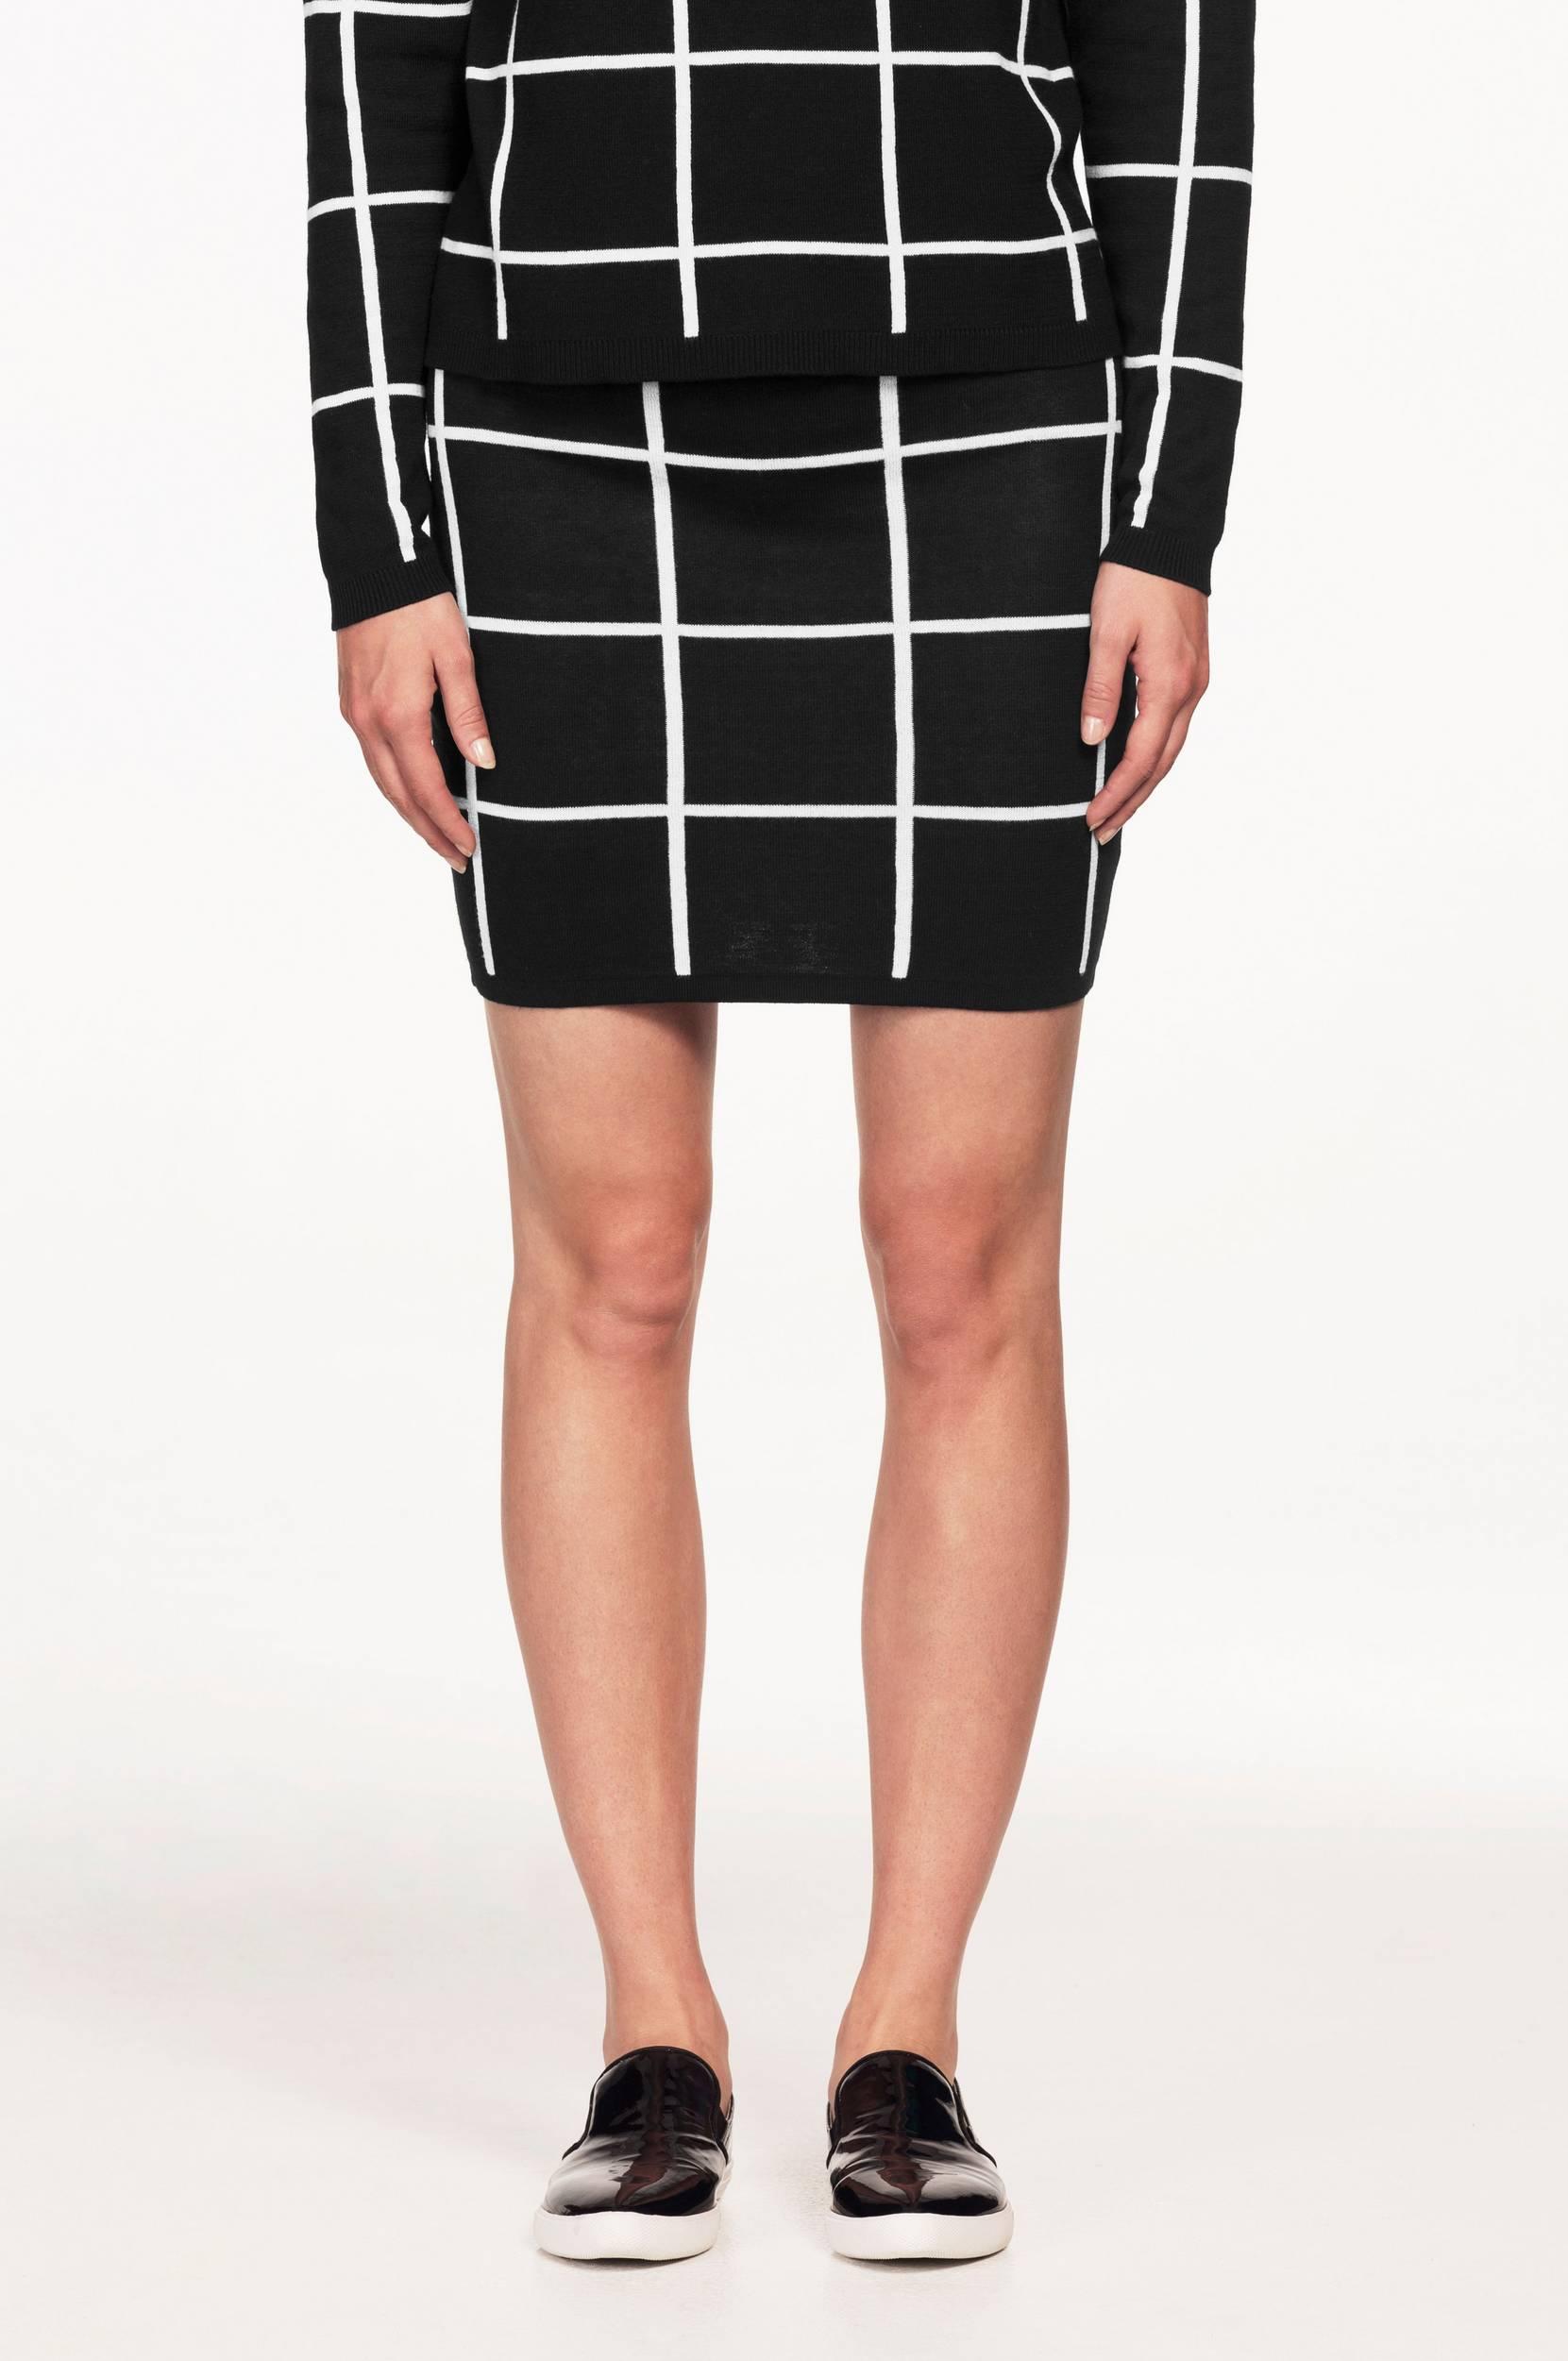 Mønsterstrikket nederdel Ellos Nederdele til Kvinder i Sort/hvidmønstret